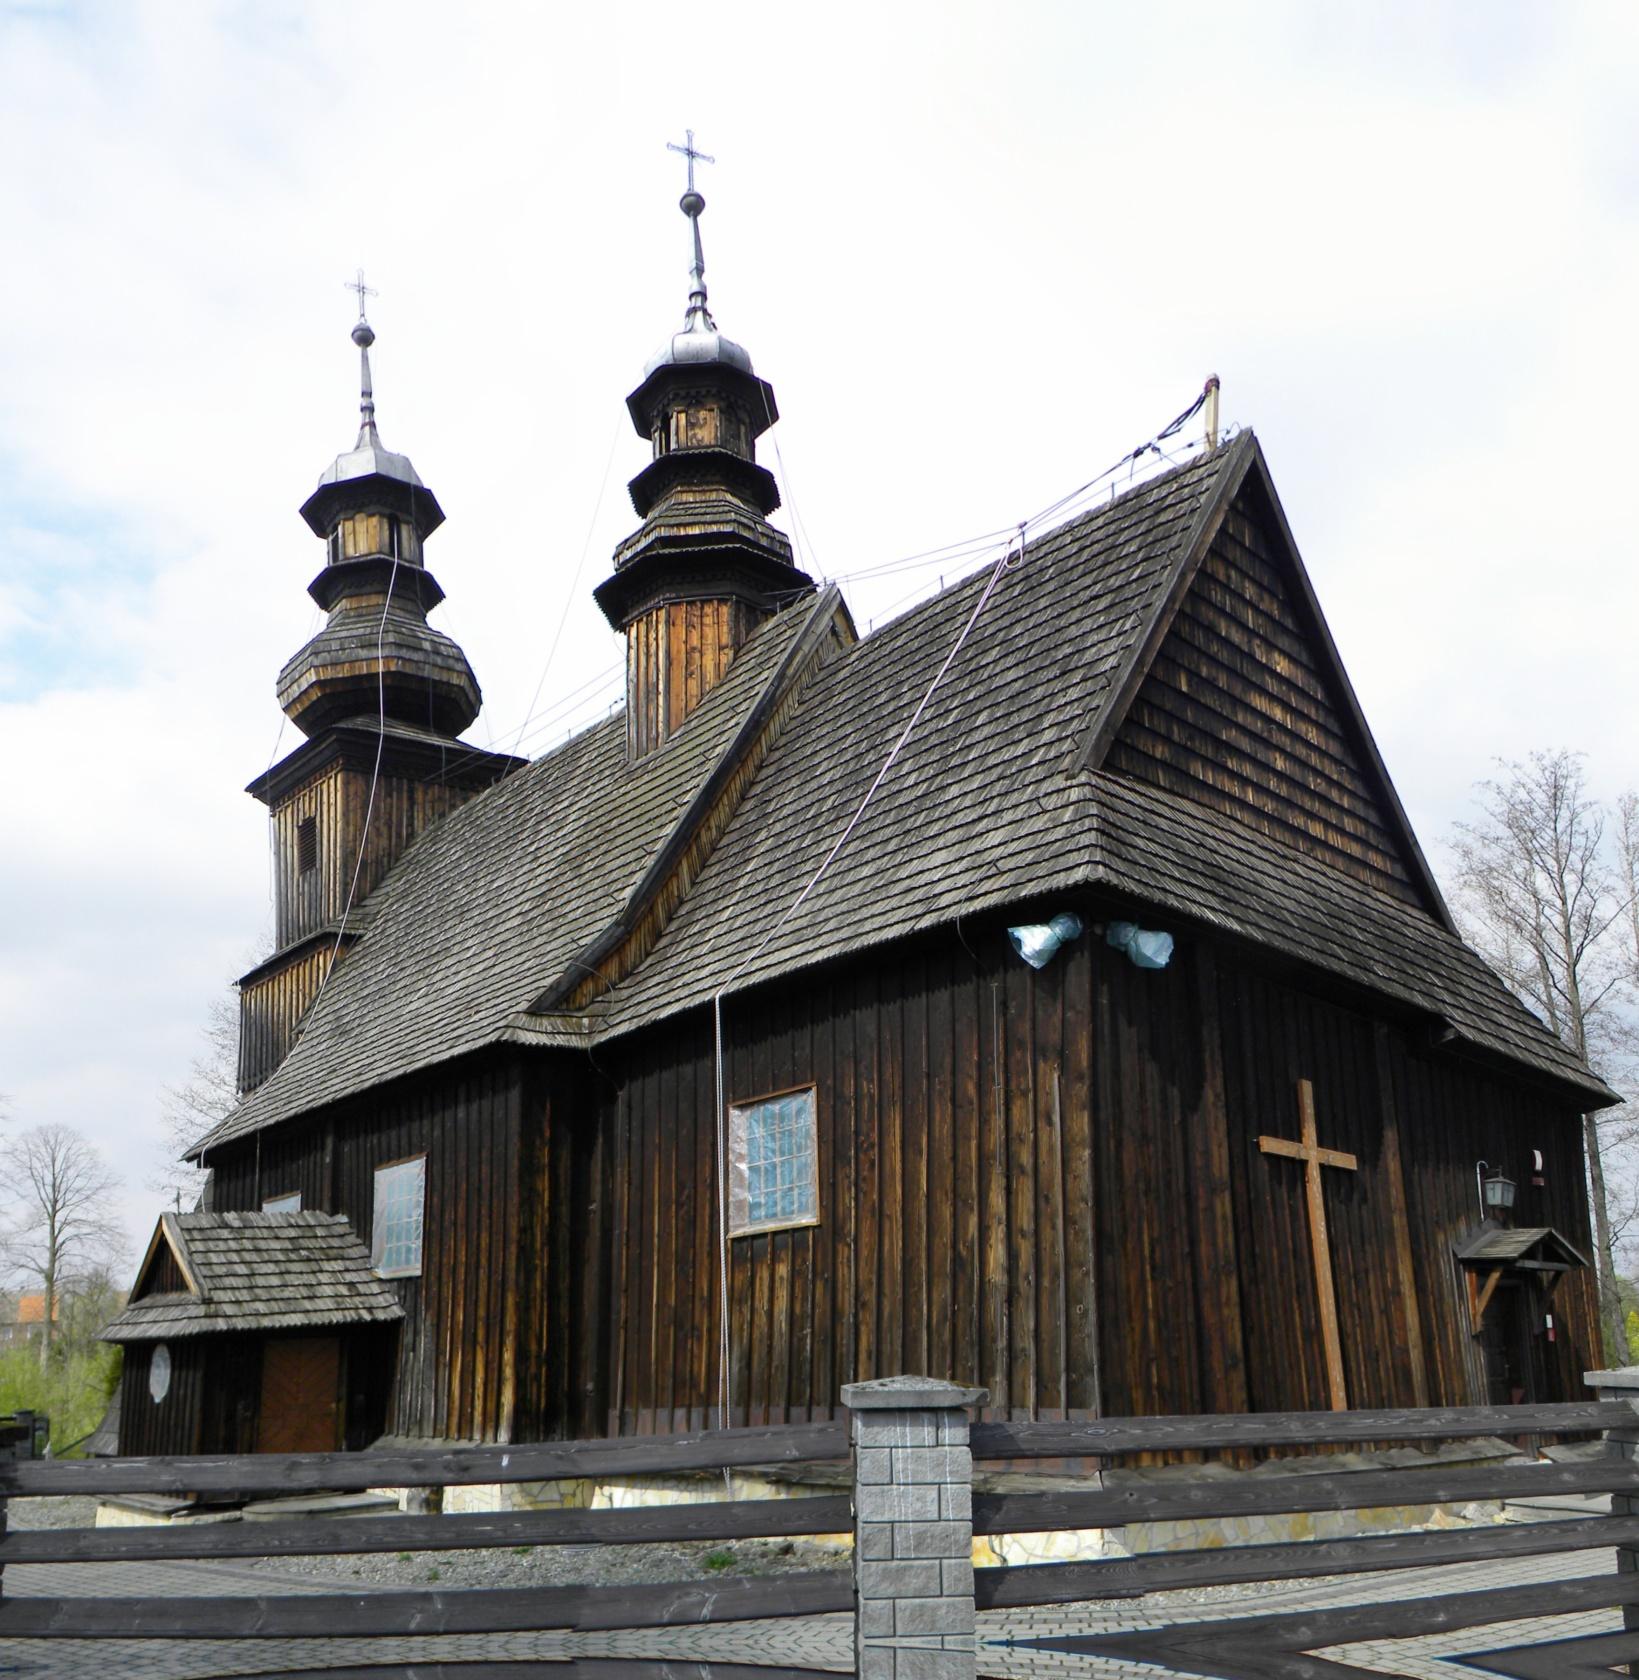 https://images89.fotosik.pl/157/8cdd1bd345b328d9.jpg